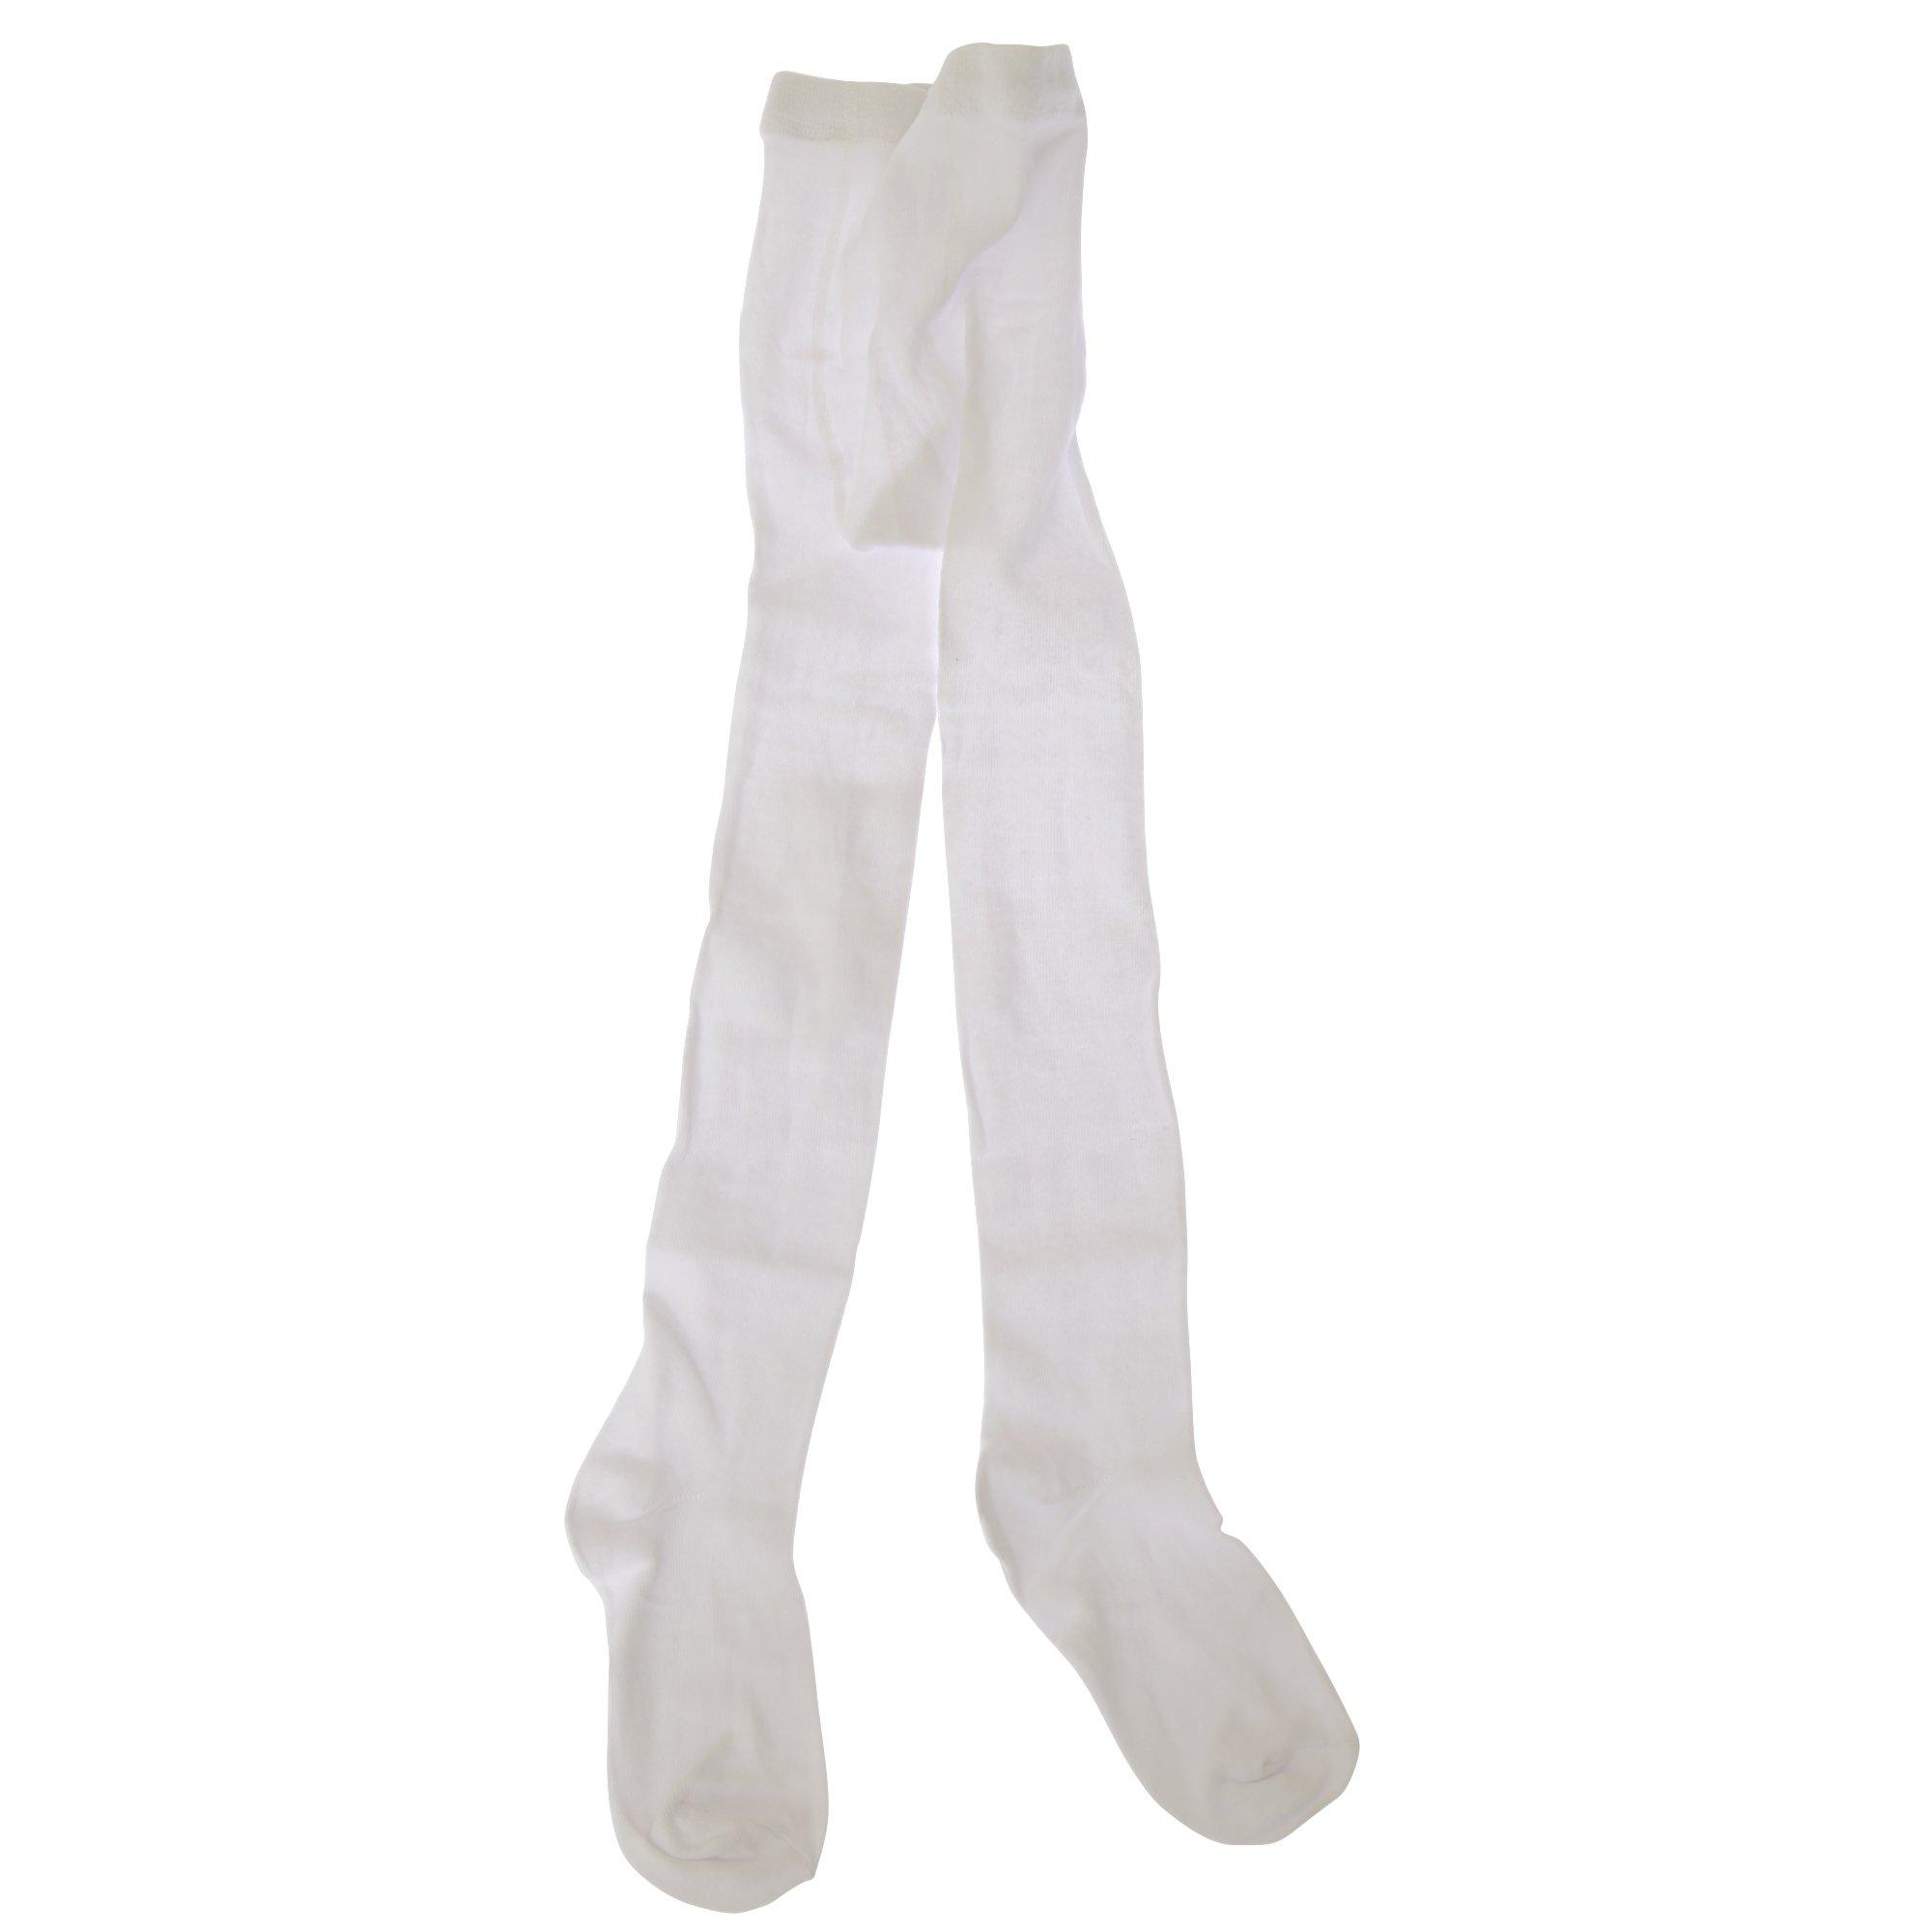 Collants-1-paire-Fille-2-8-ans-3-couleurs-T111